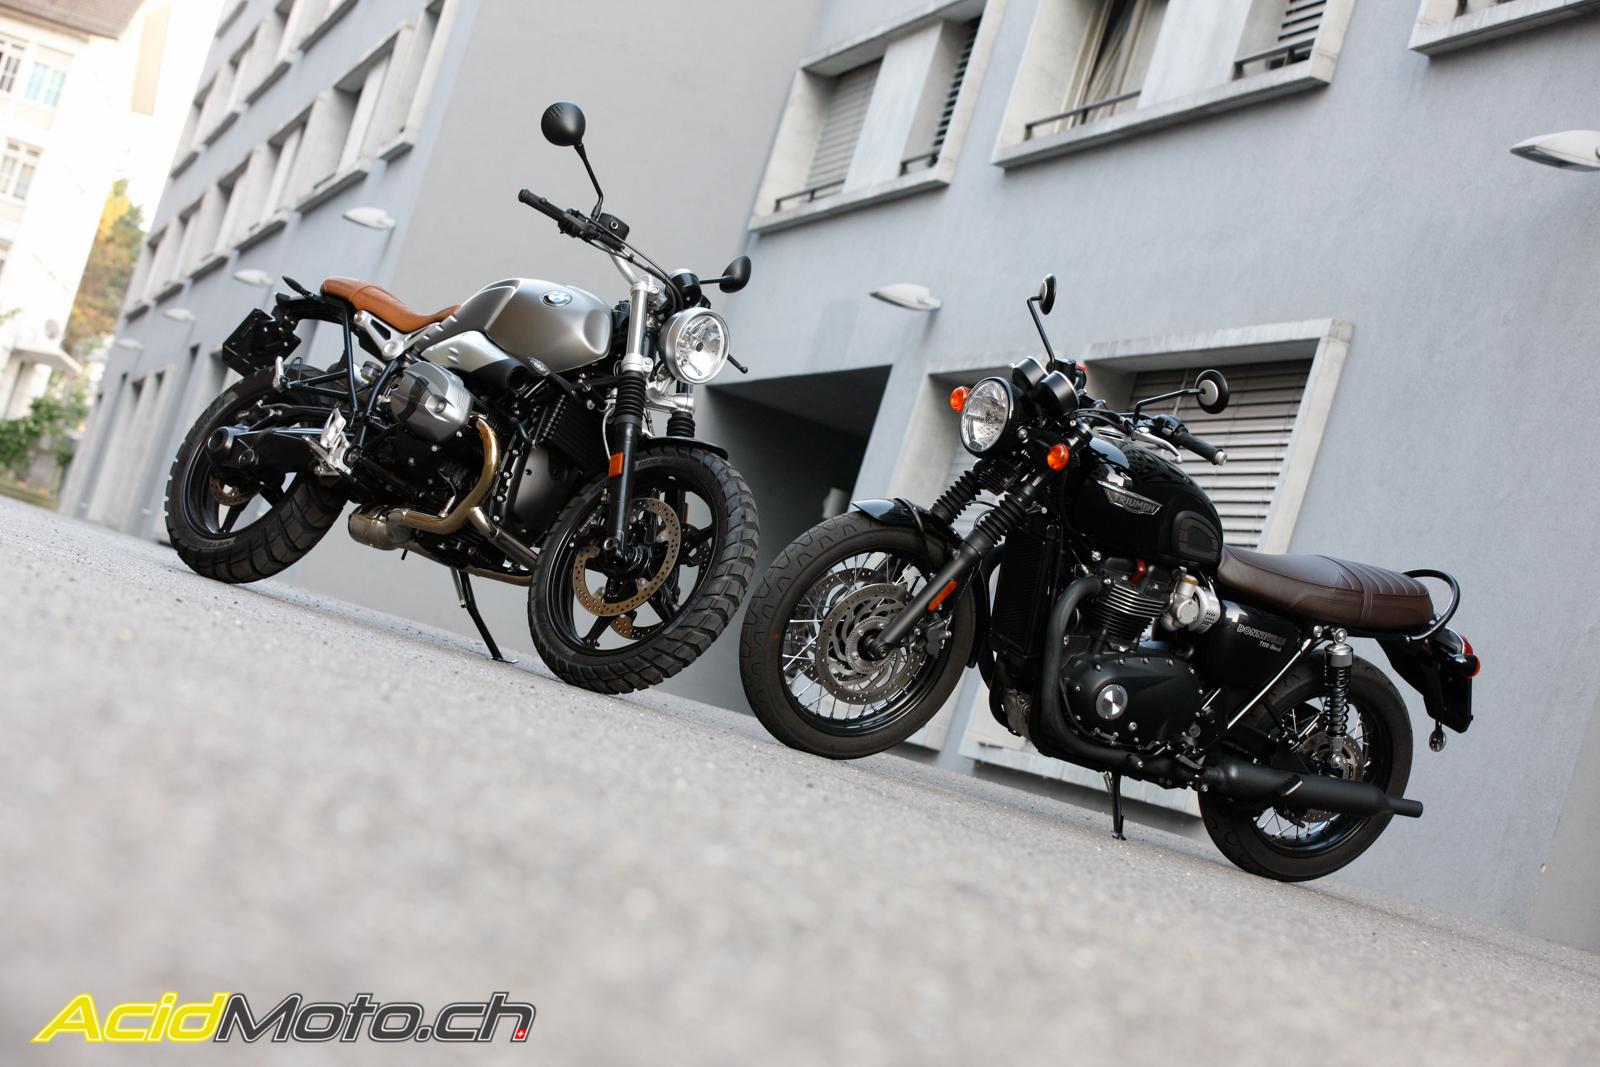 Comparatif BMW R NineT Scrambler / Triumph Bonneville T120 Black